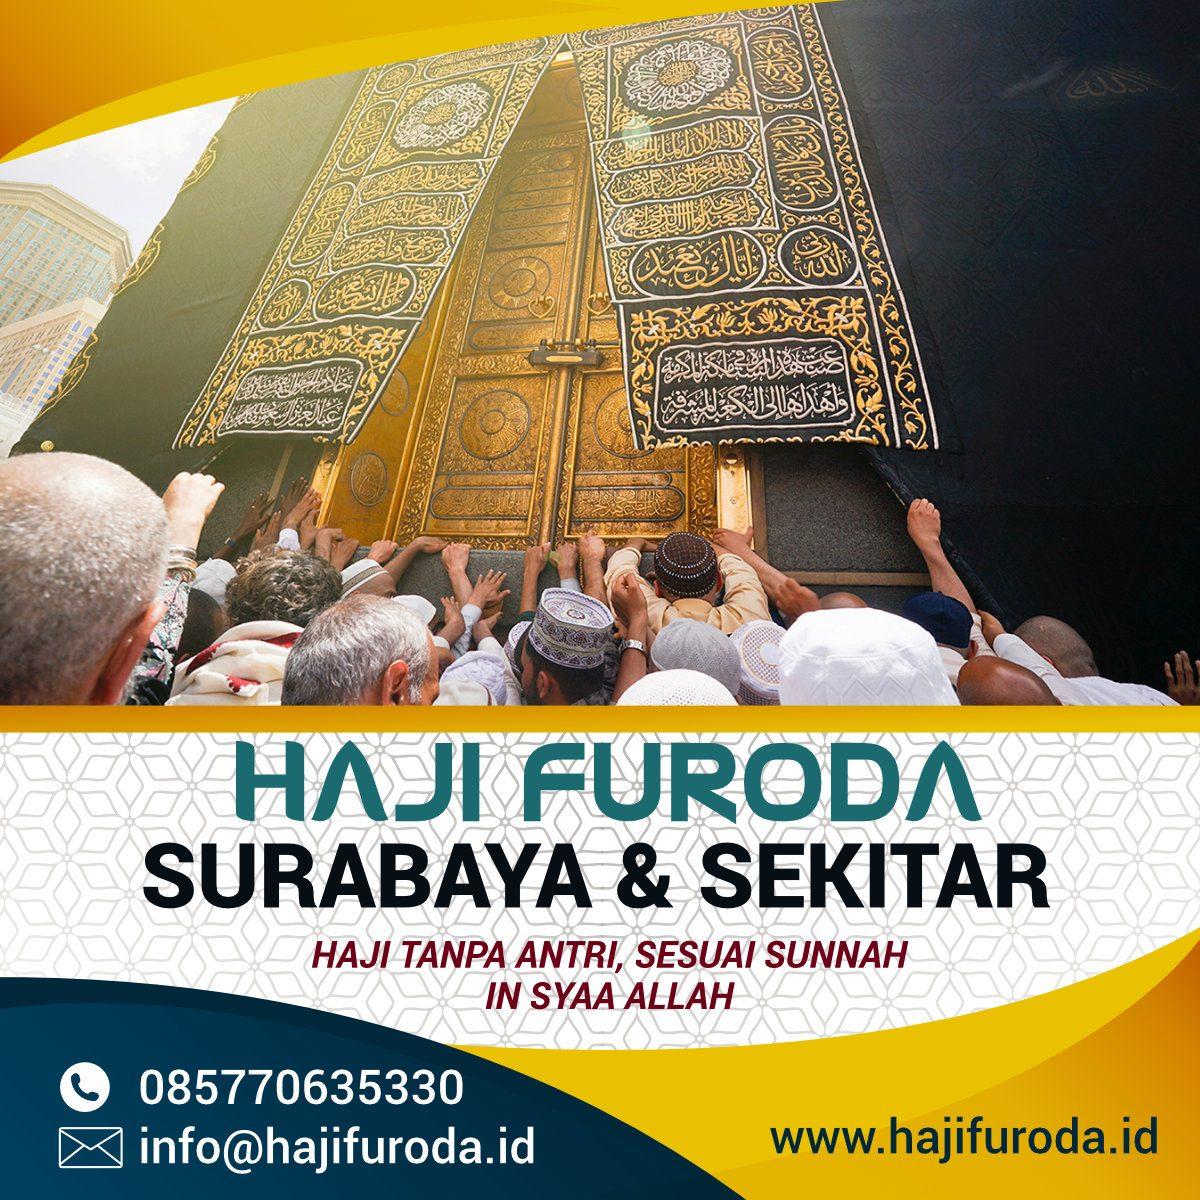 Haji Furoda Surabaya